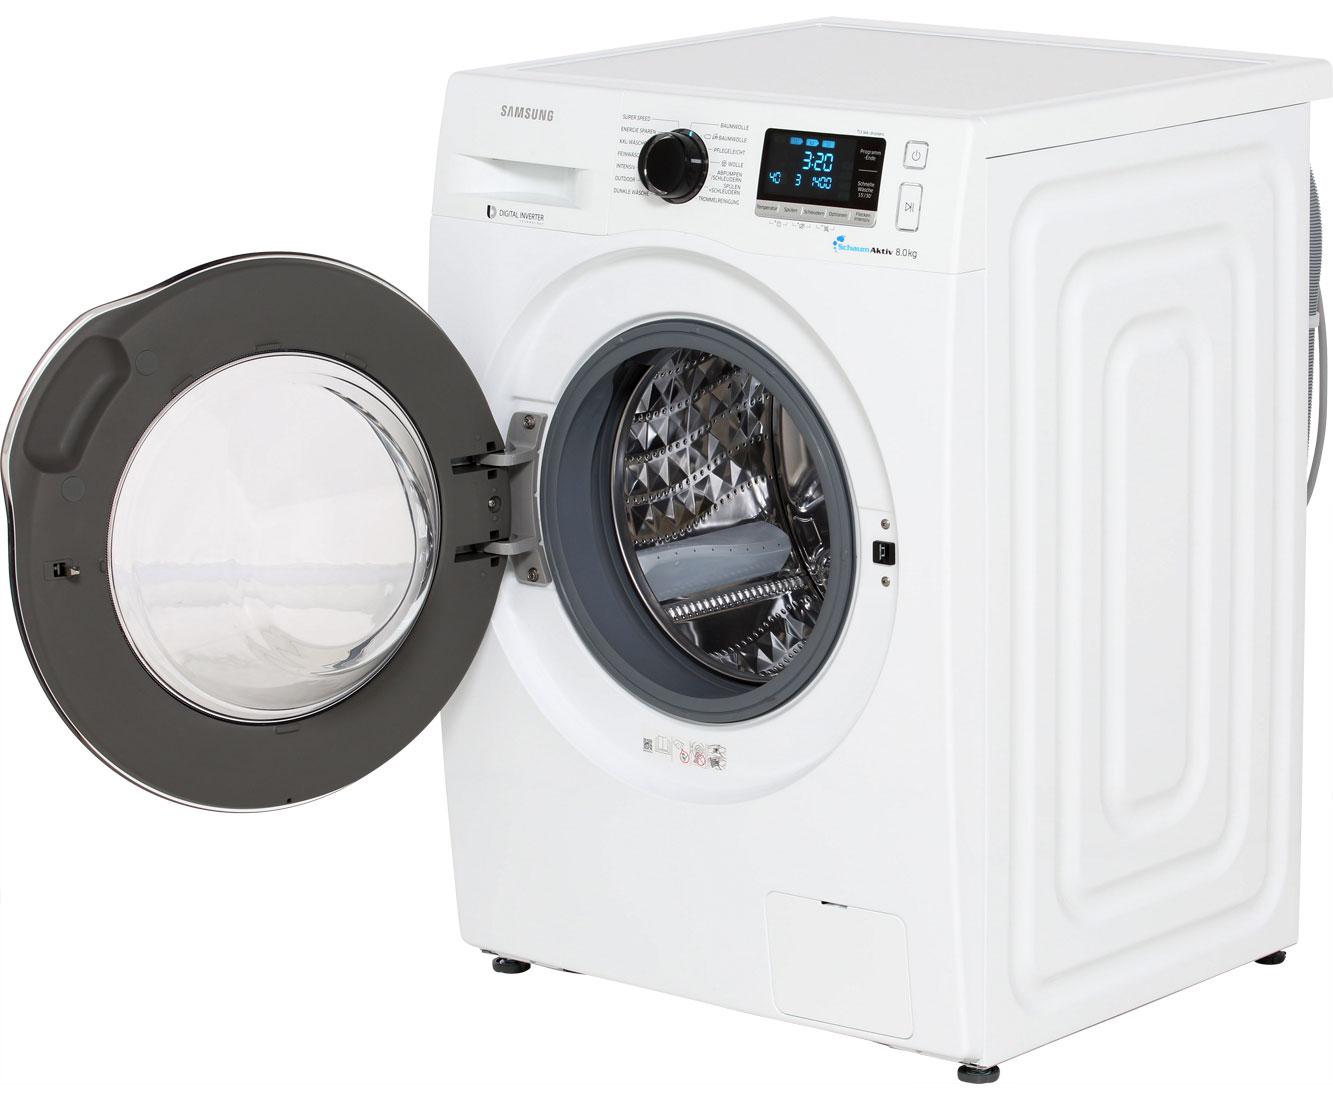 ungew hnlich samsung waschmaschine schaltplan galerie. Black Bedroom Furniture Sets. Home Design Ideas